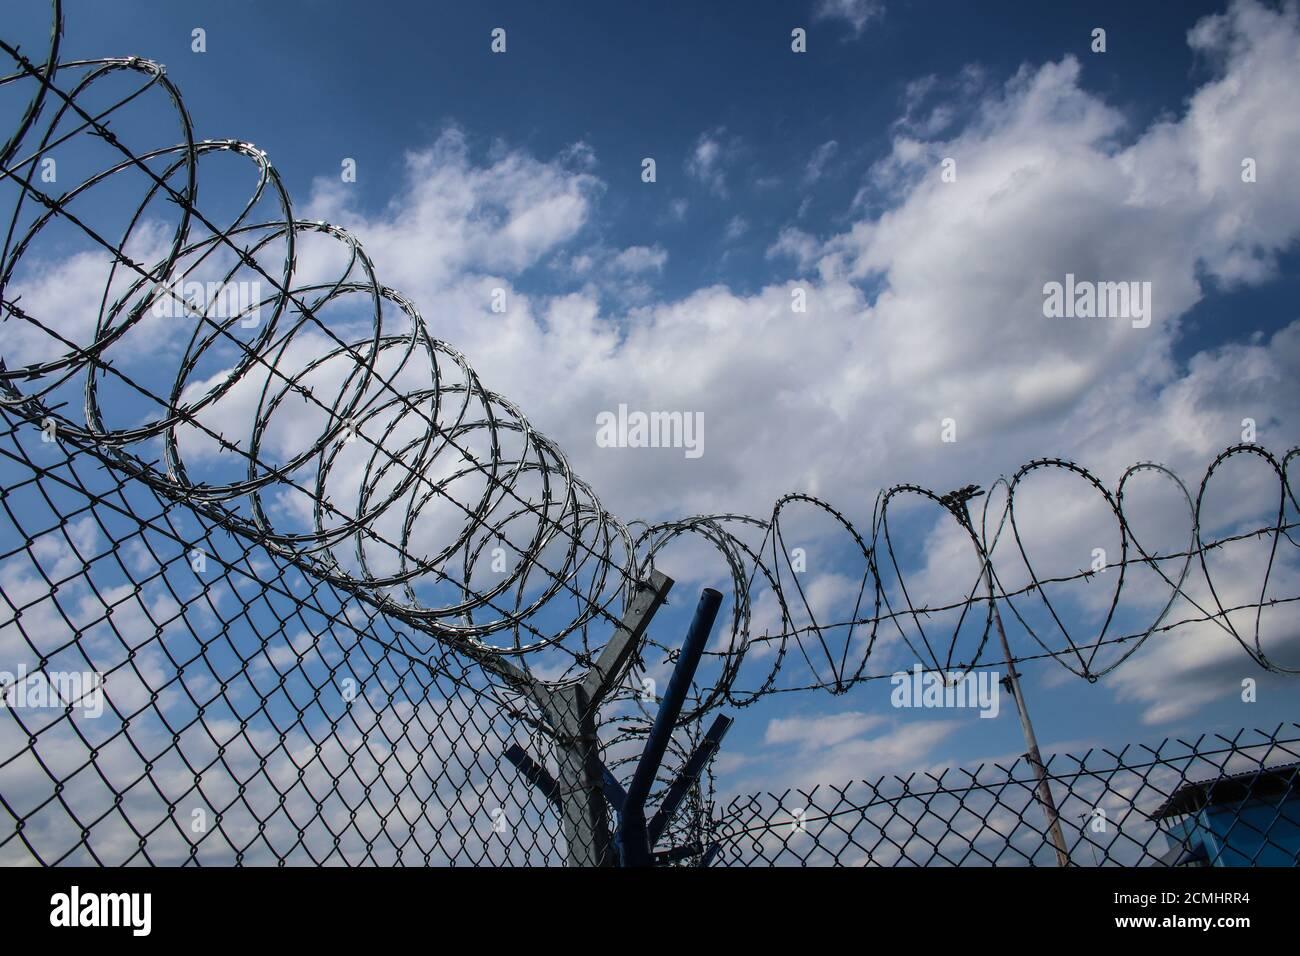 Fil barbelé sur le dessus de la clôture de filet métallique aéroport contre ciel nuageux Banque D'Images